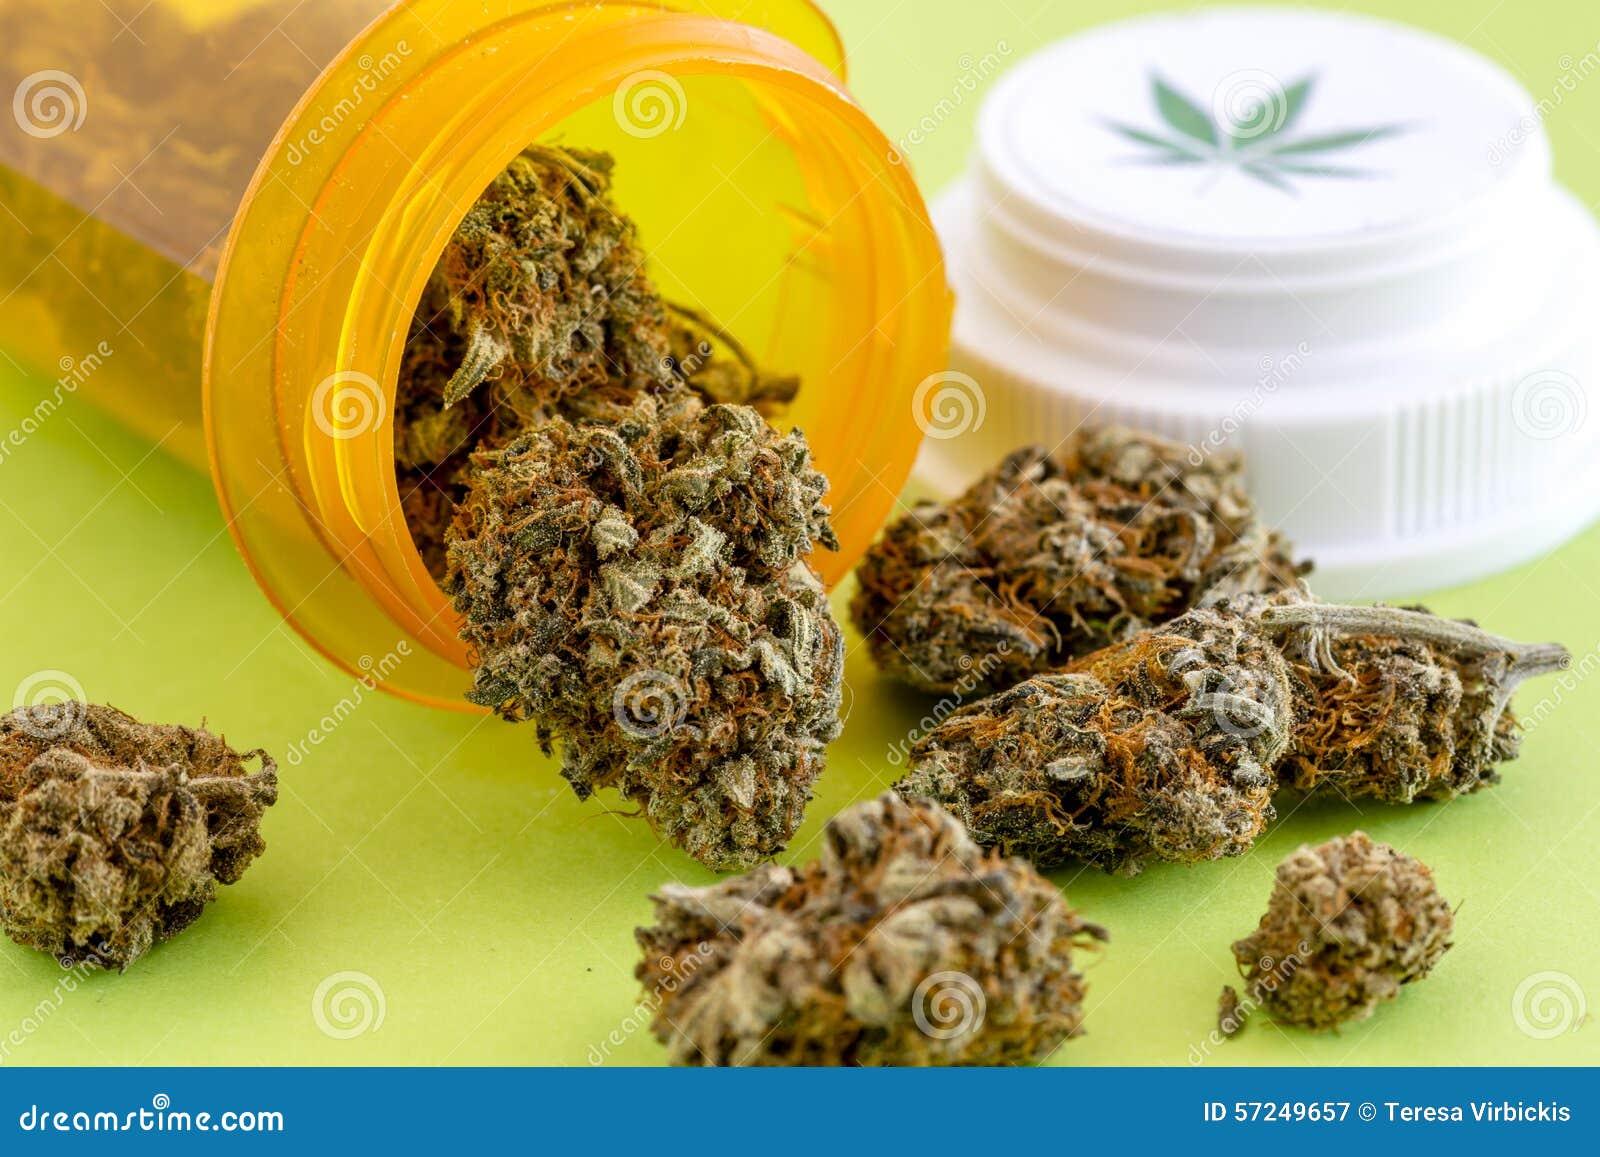 Семена медицинской марихуаны девушка курит марихуану фото